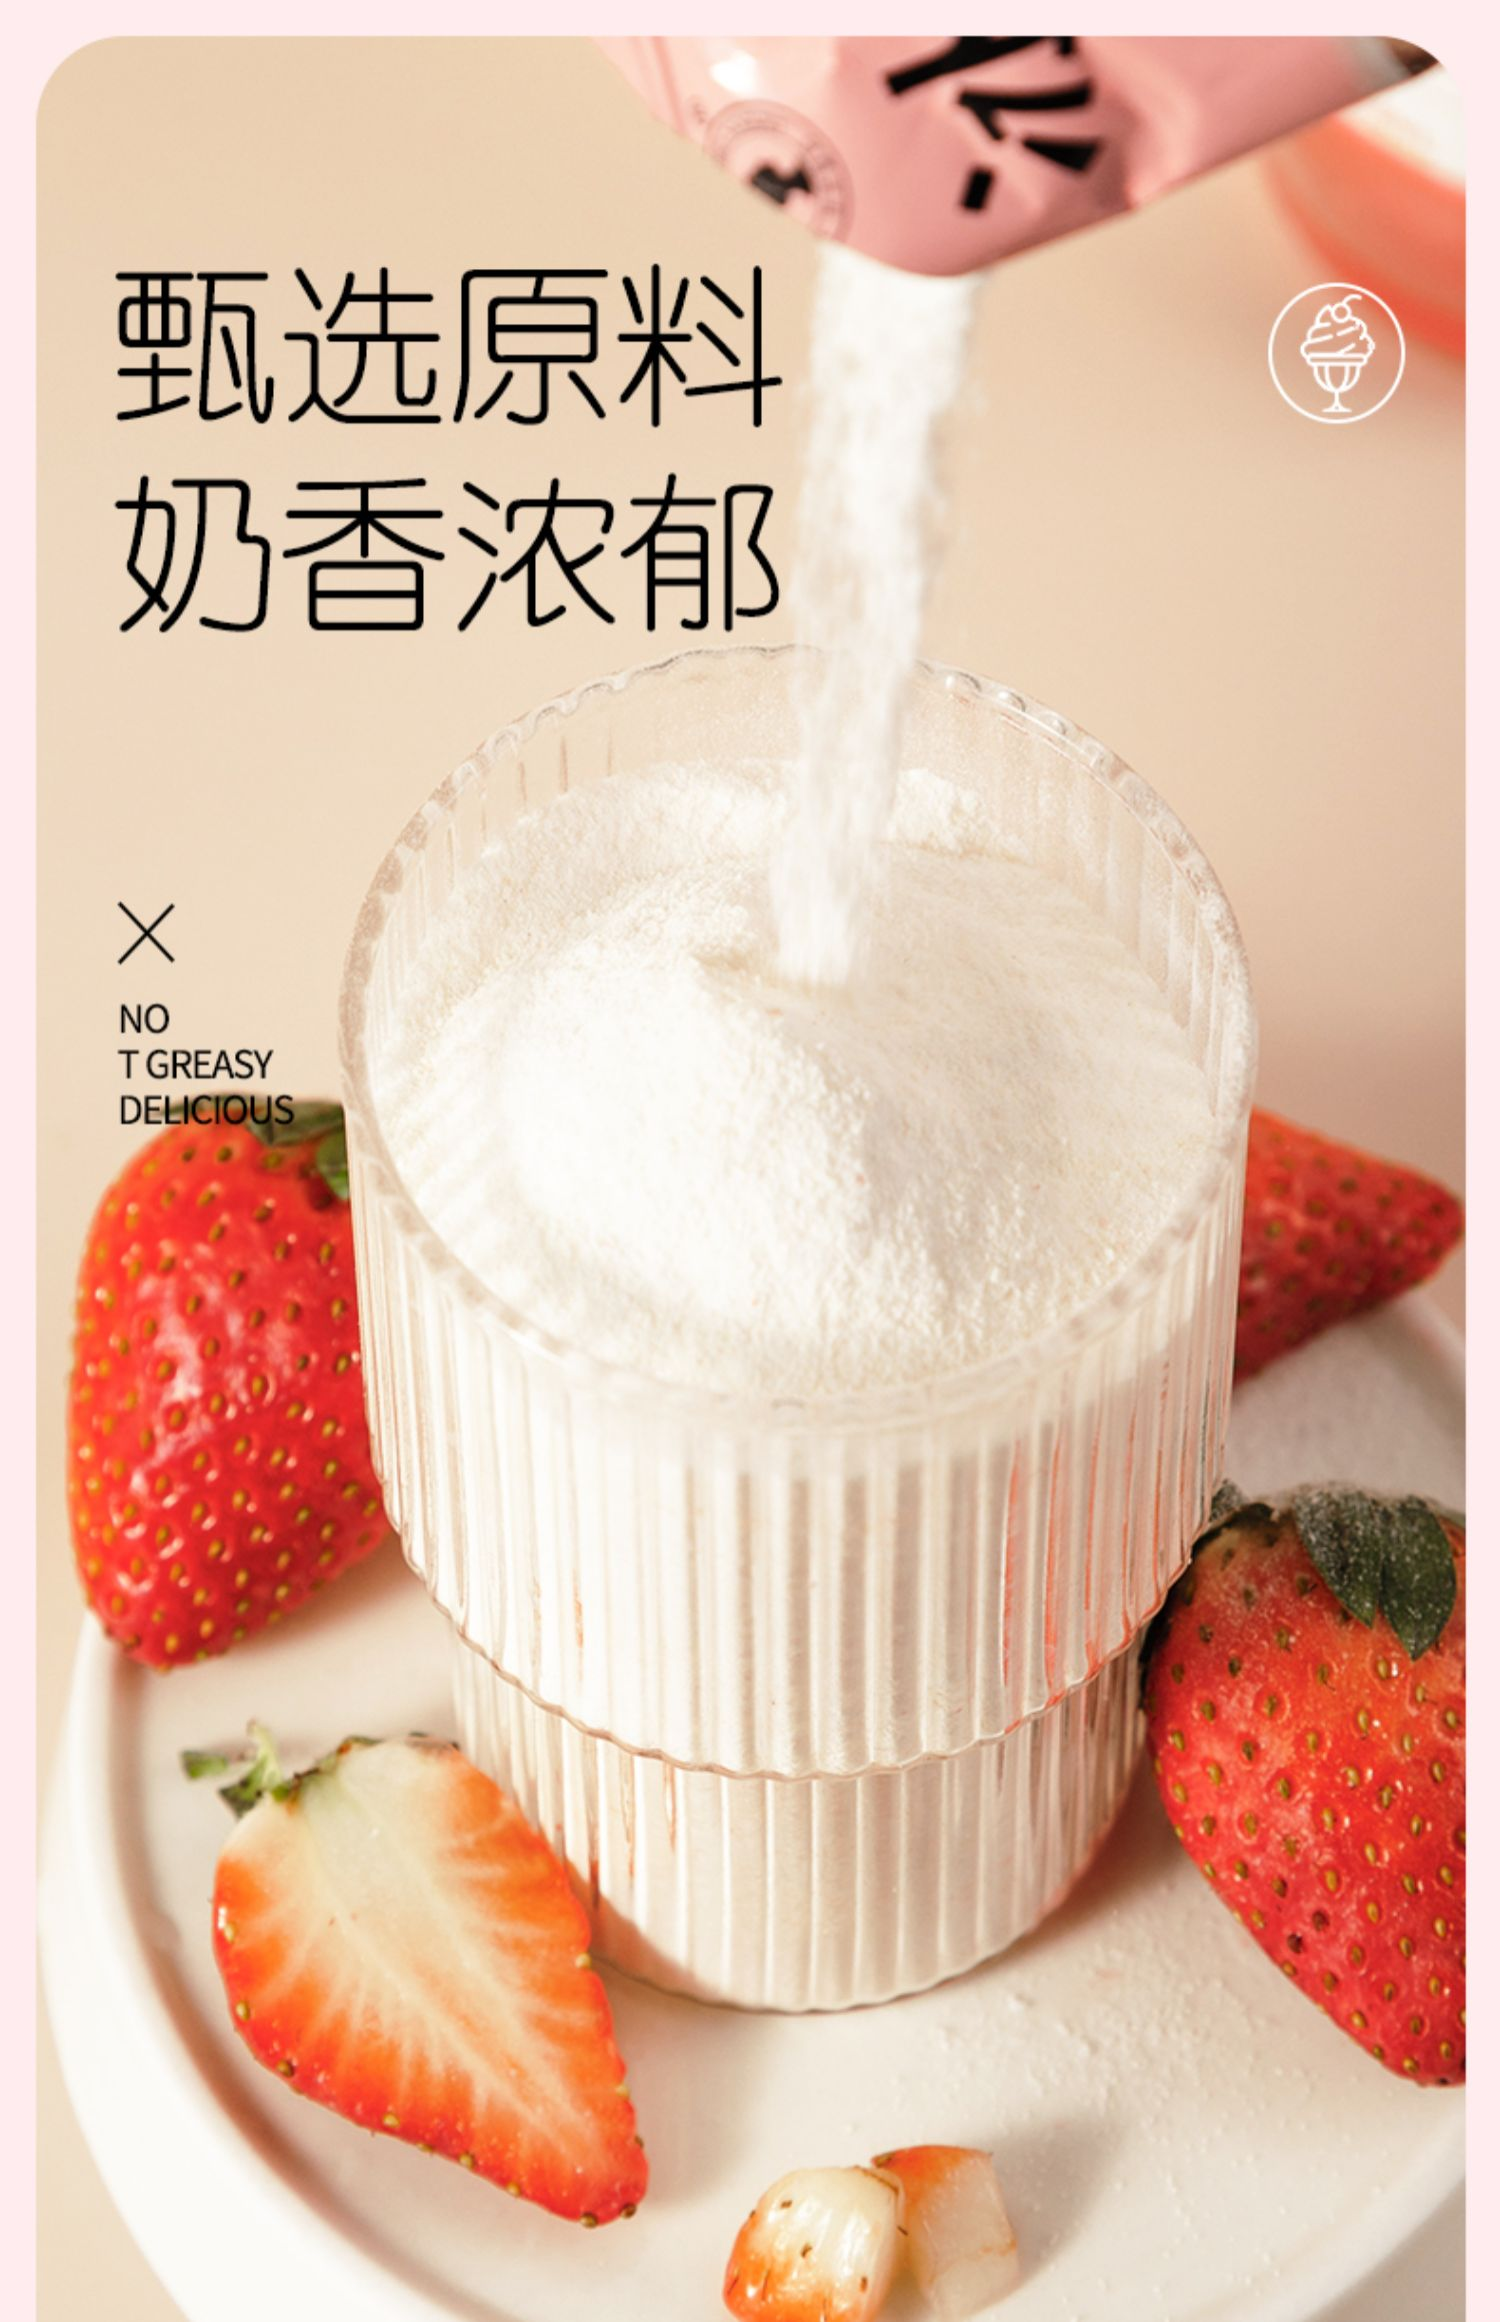 【100g*3袋】抹茶皇后冰淇淋粉